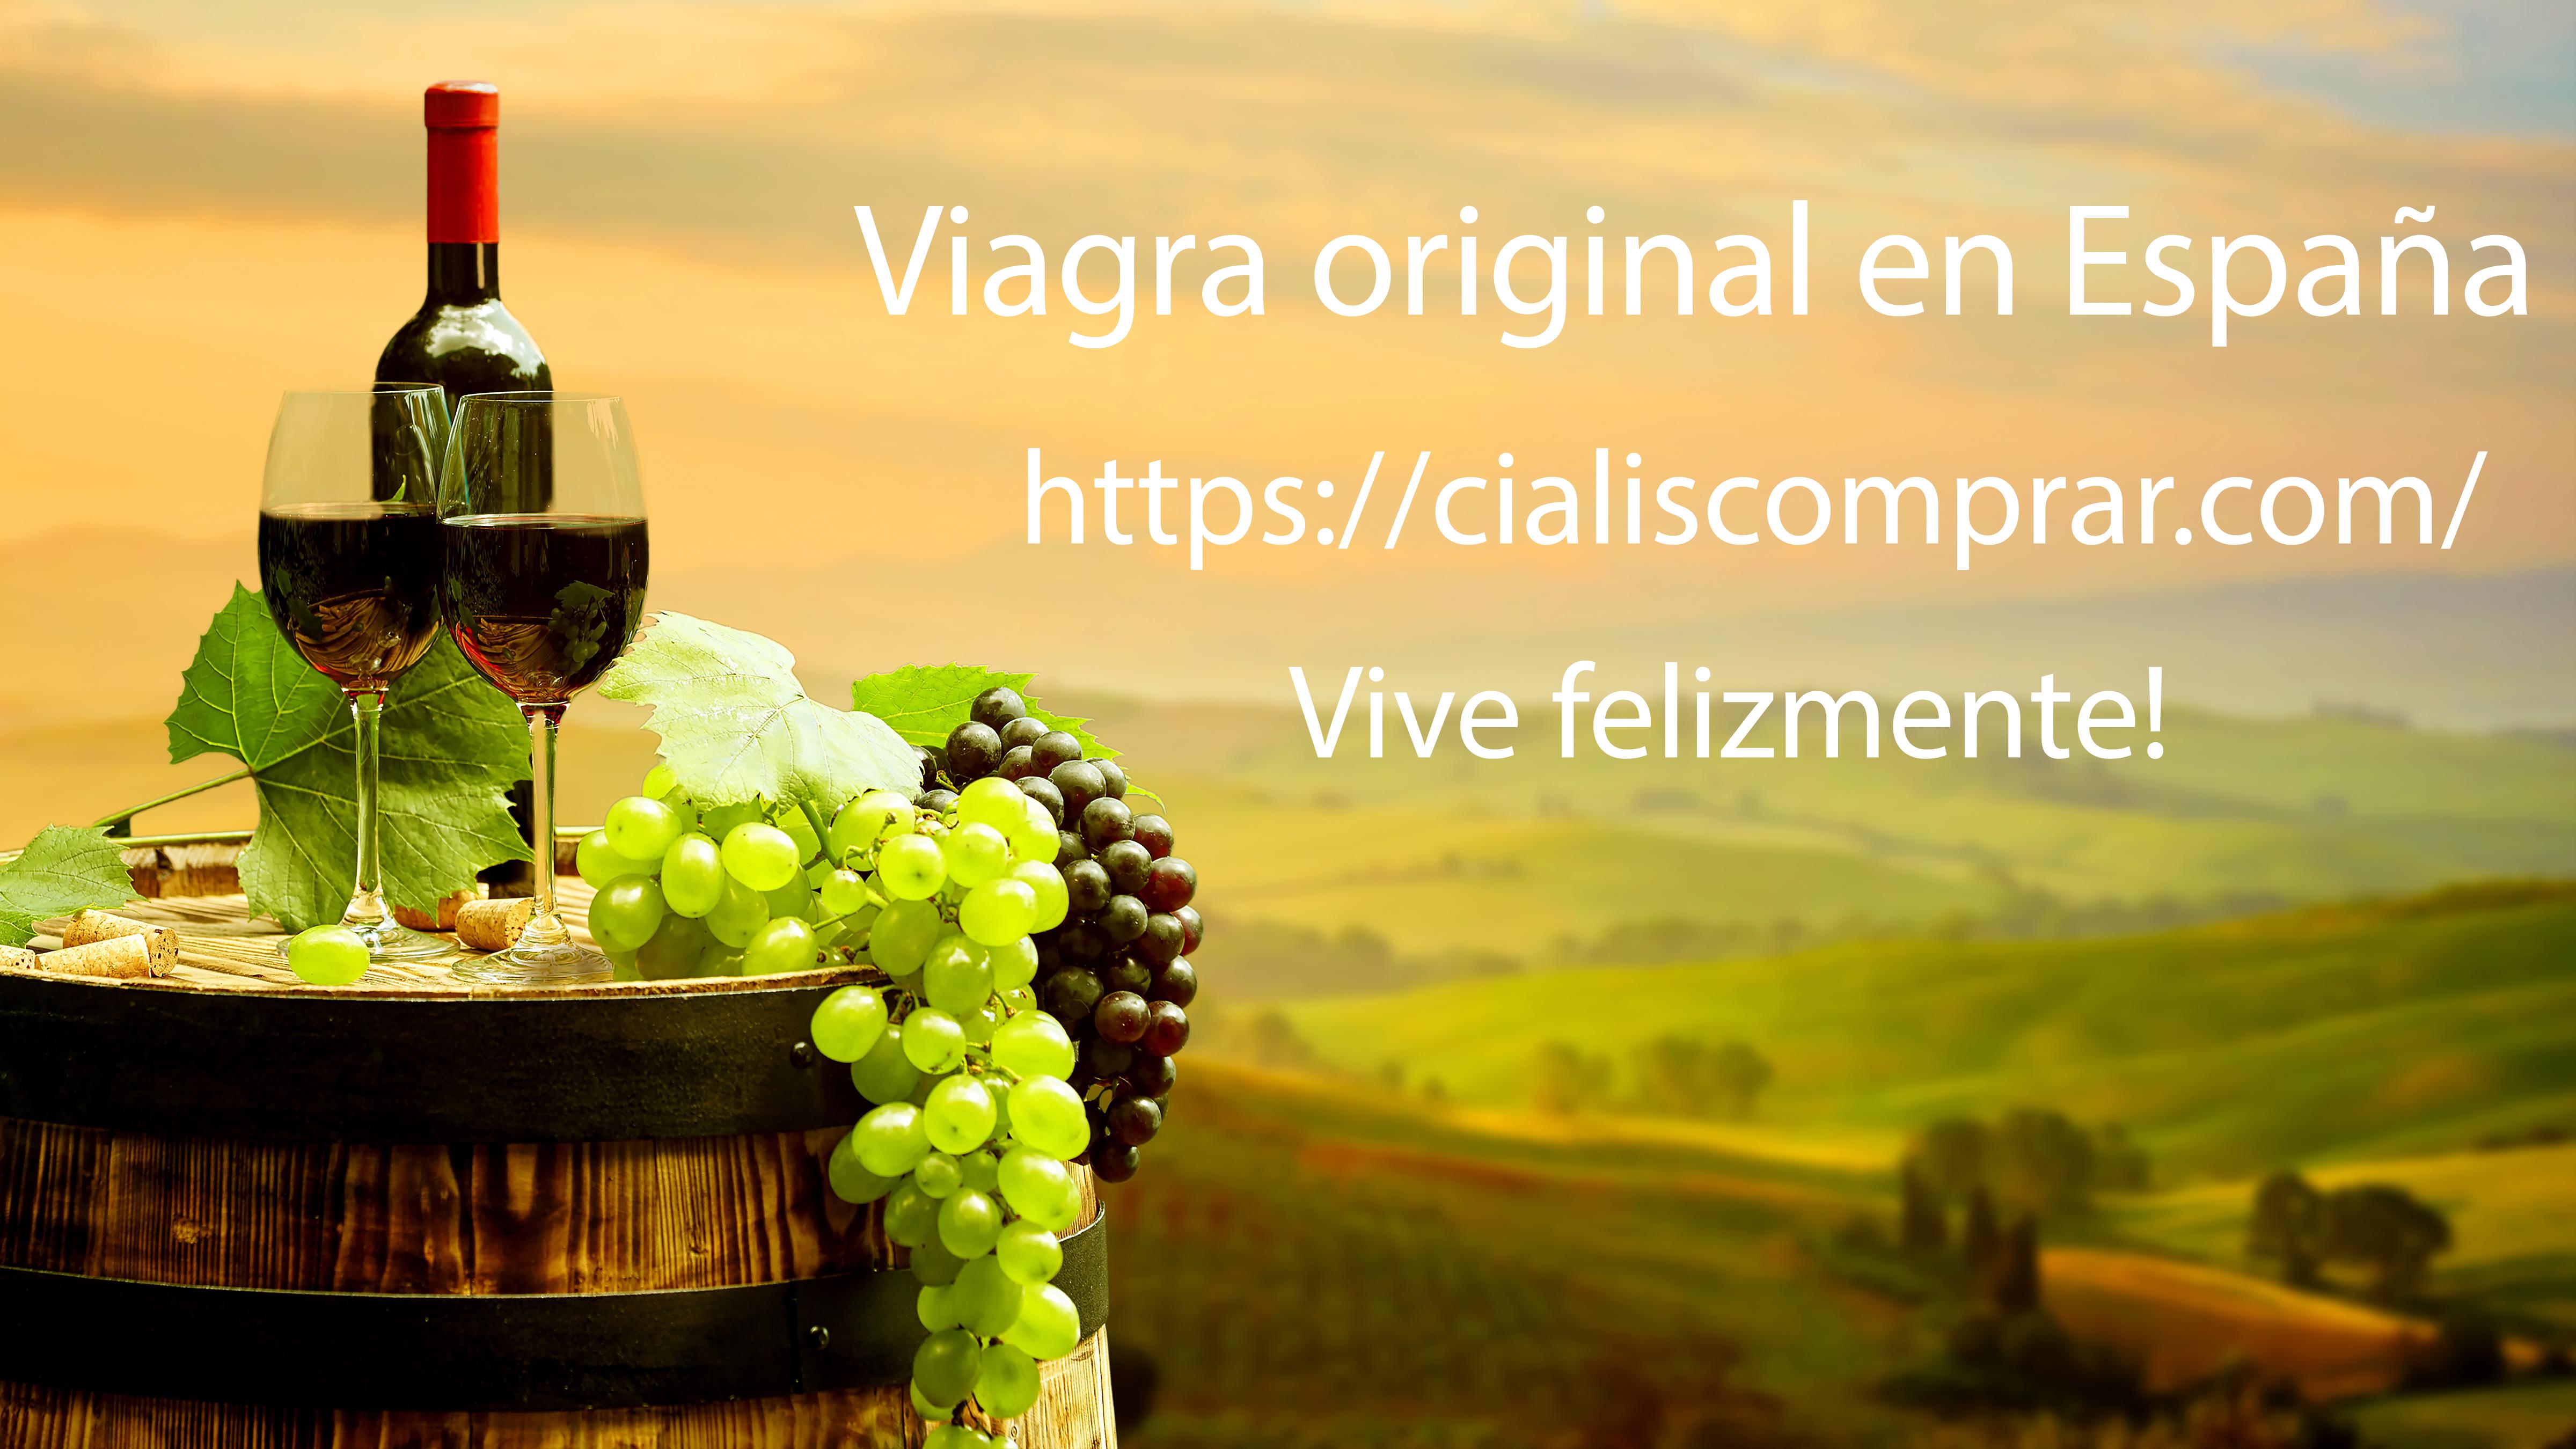 viagra healthy food, wine, grapes